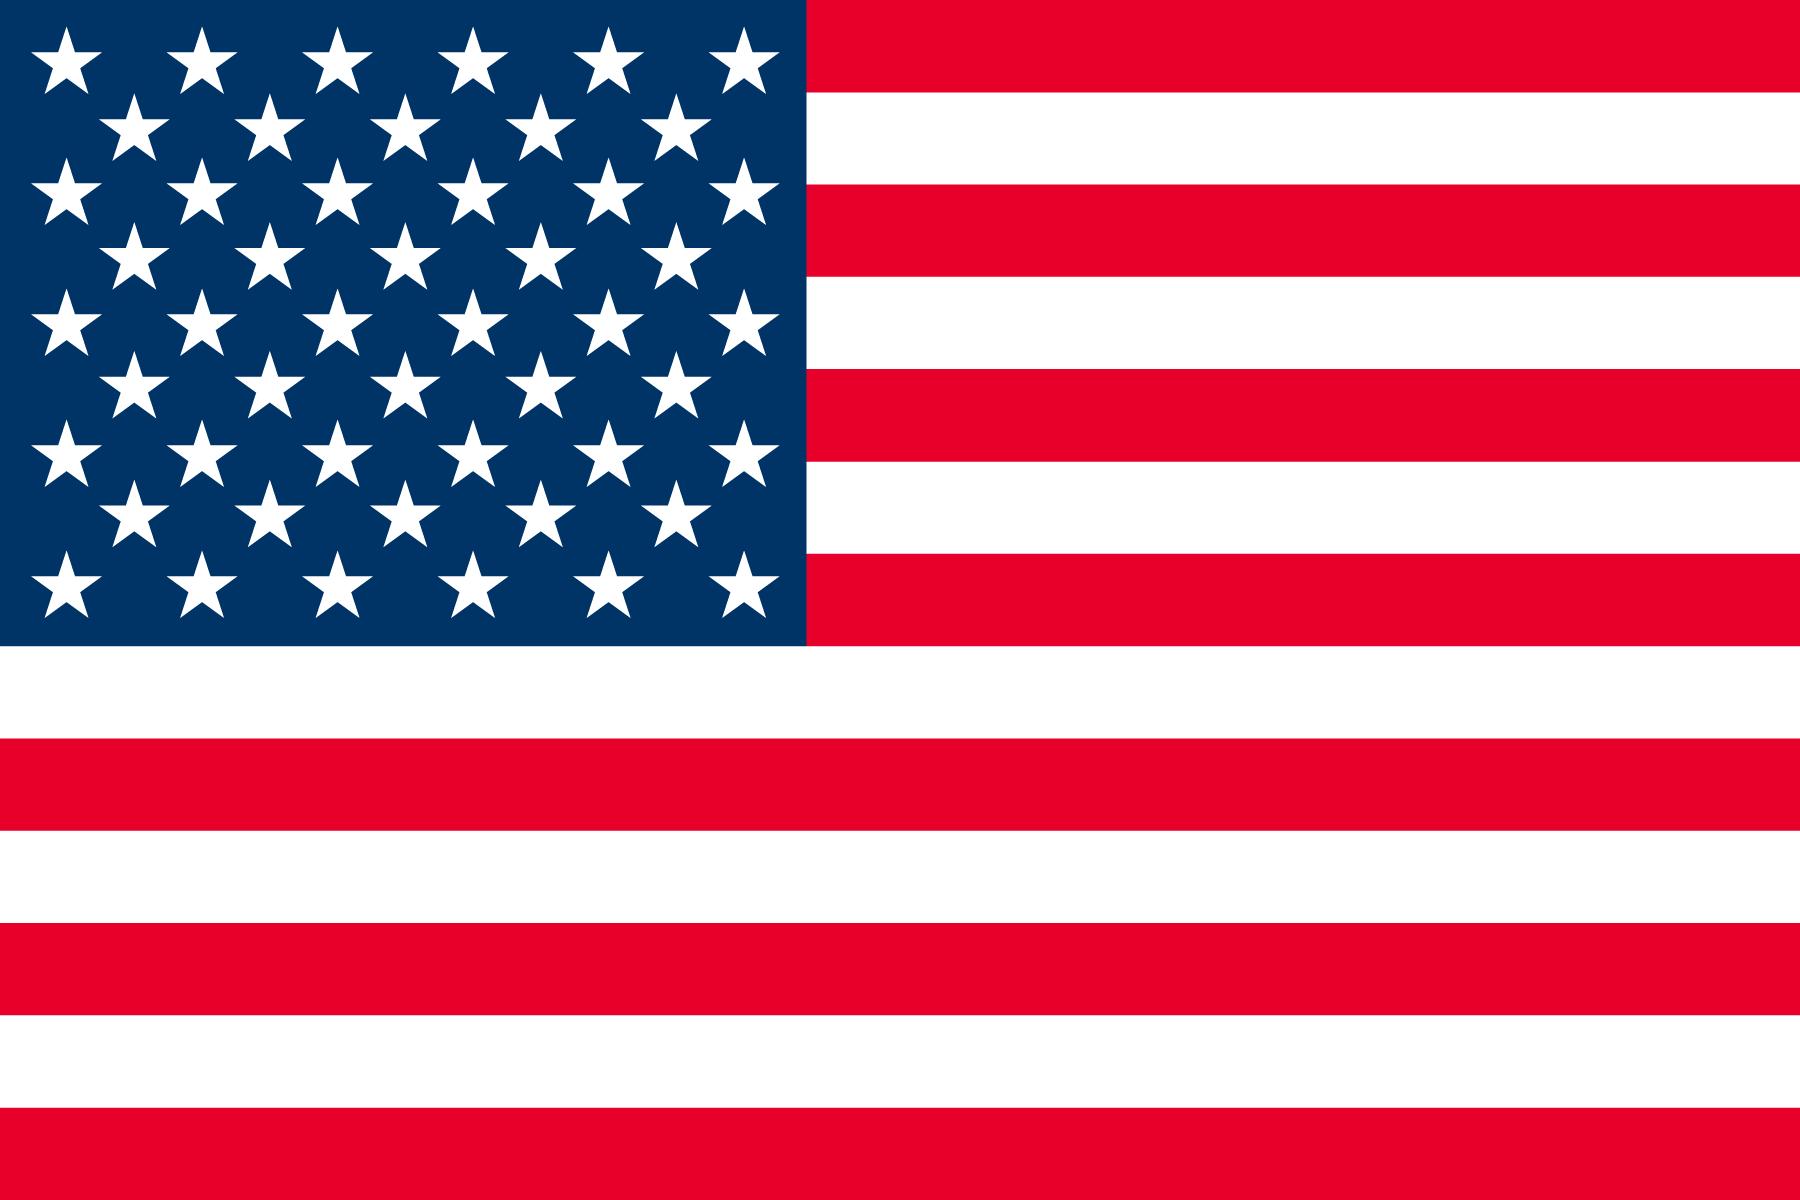 アメリカ | 地図に使えるフリー素材.jp